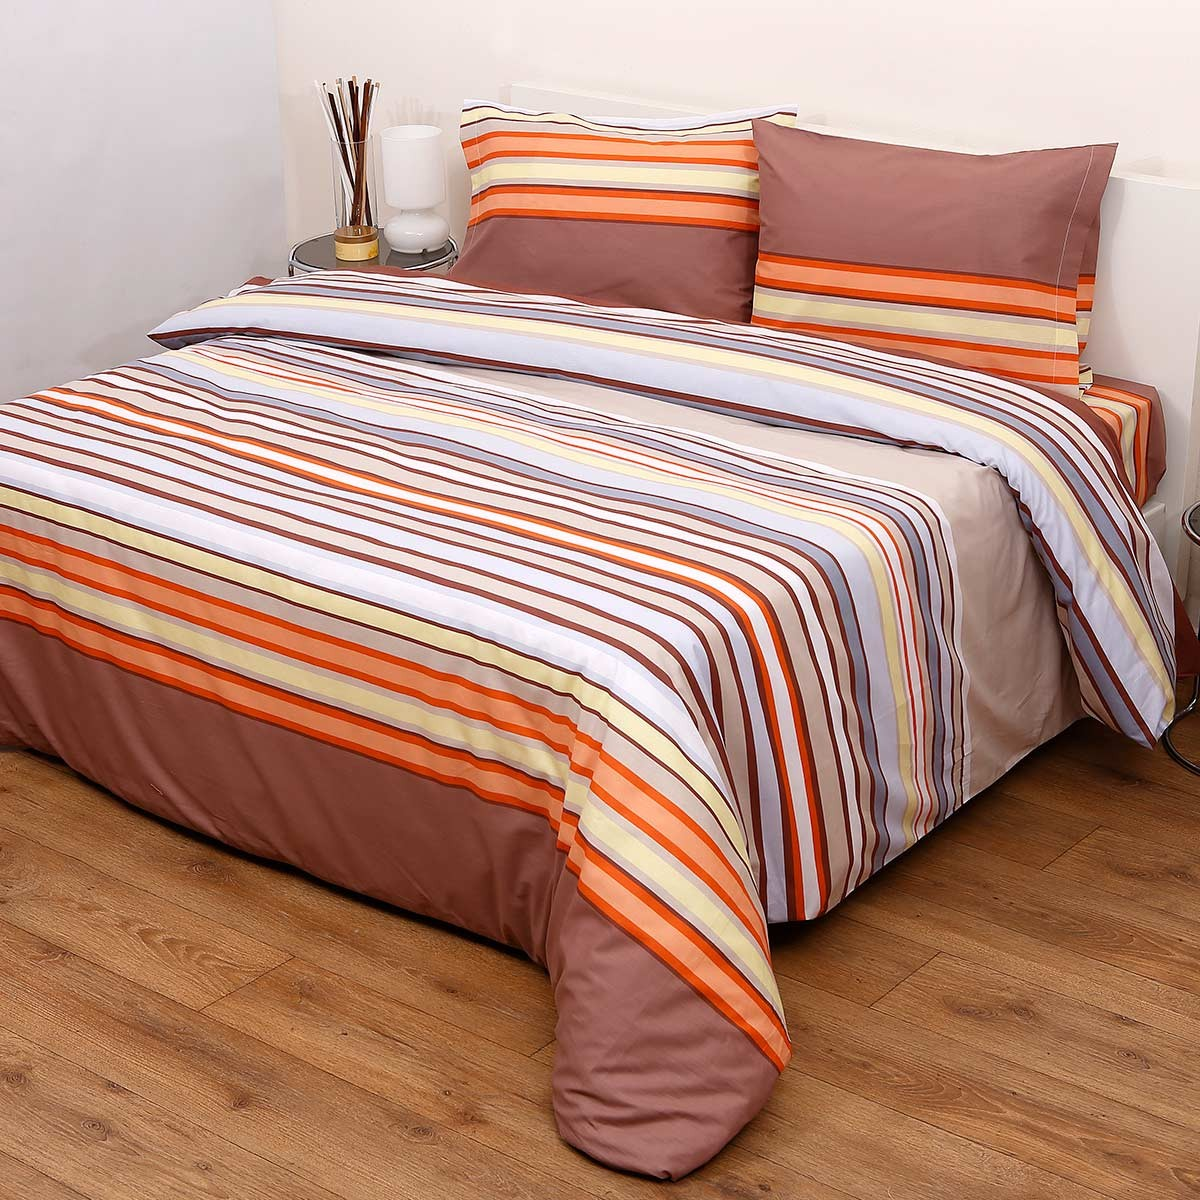 Πάπλωμα Ημίδιπλο (Σετ) Viopros Fresh Κέλι Μπεζ home   κρεβατοκάμαρα   παπλώματα   παπλώματα ημίδιπλα   διπλά